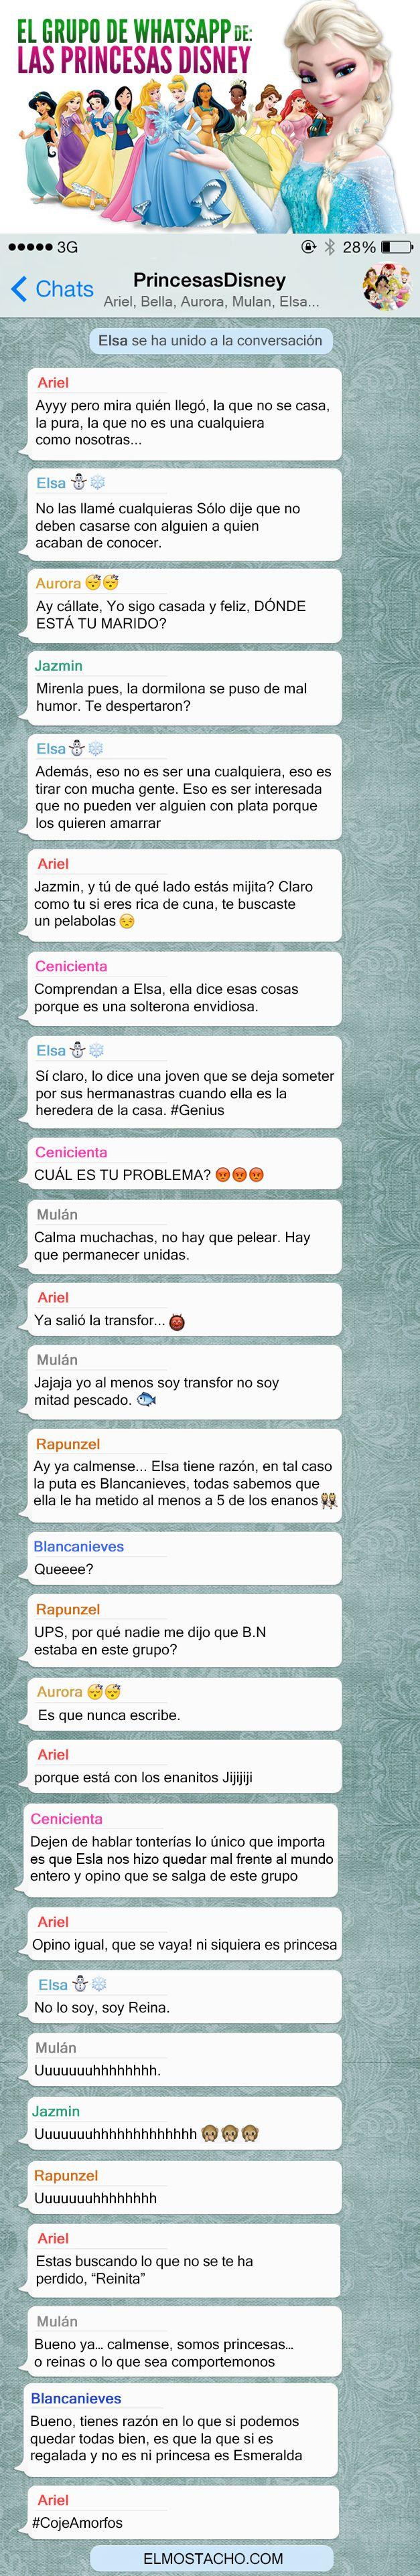 El Grupo de Whatsapp de: Las Princesas de Disney